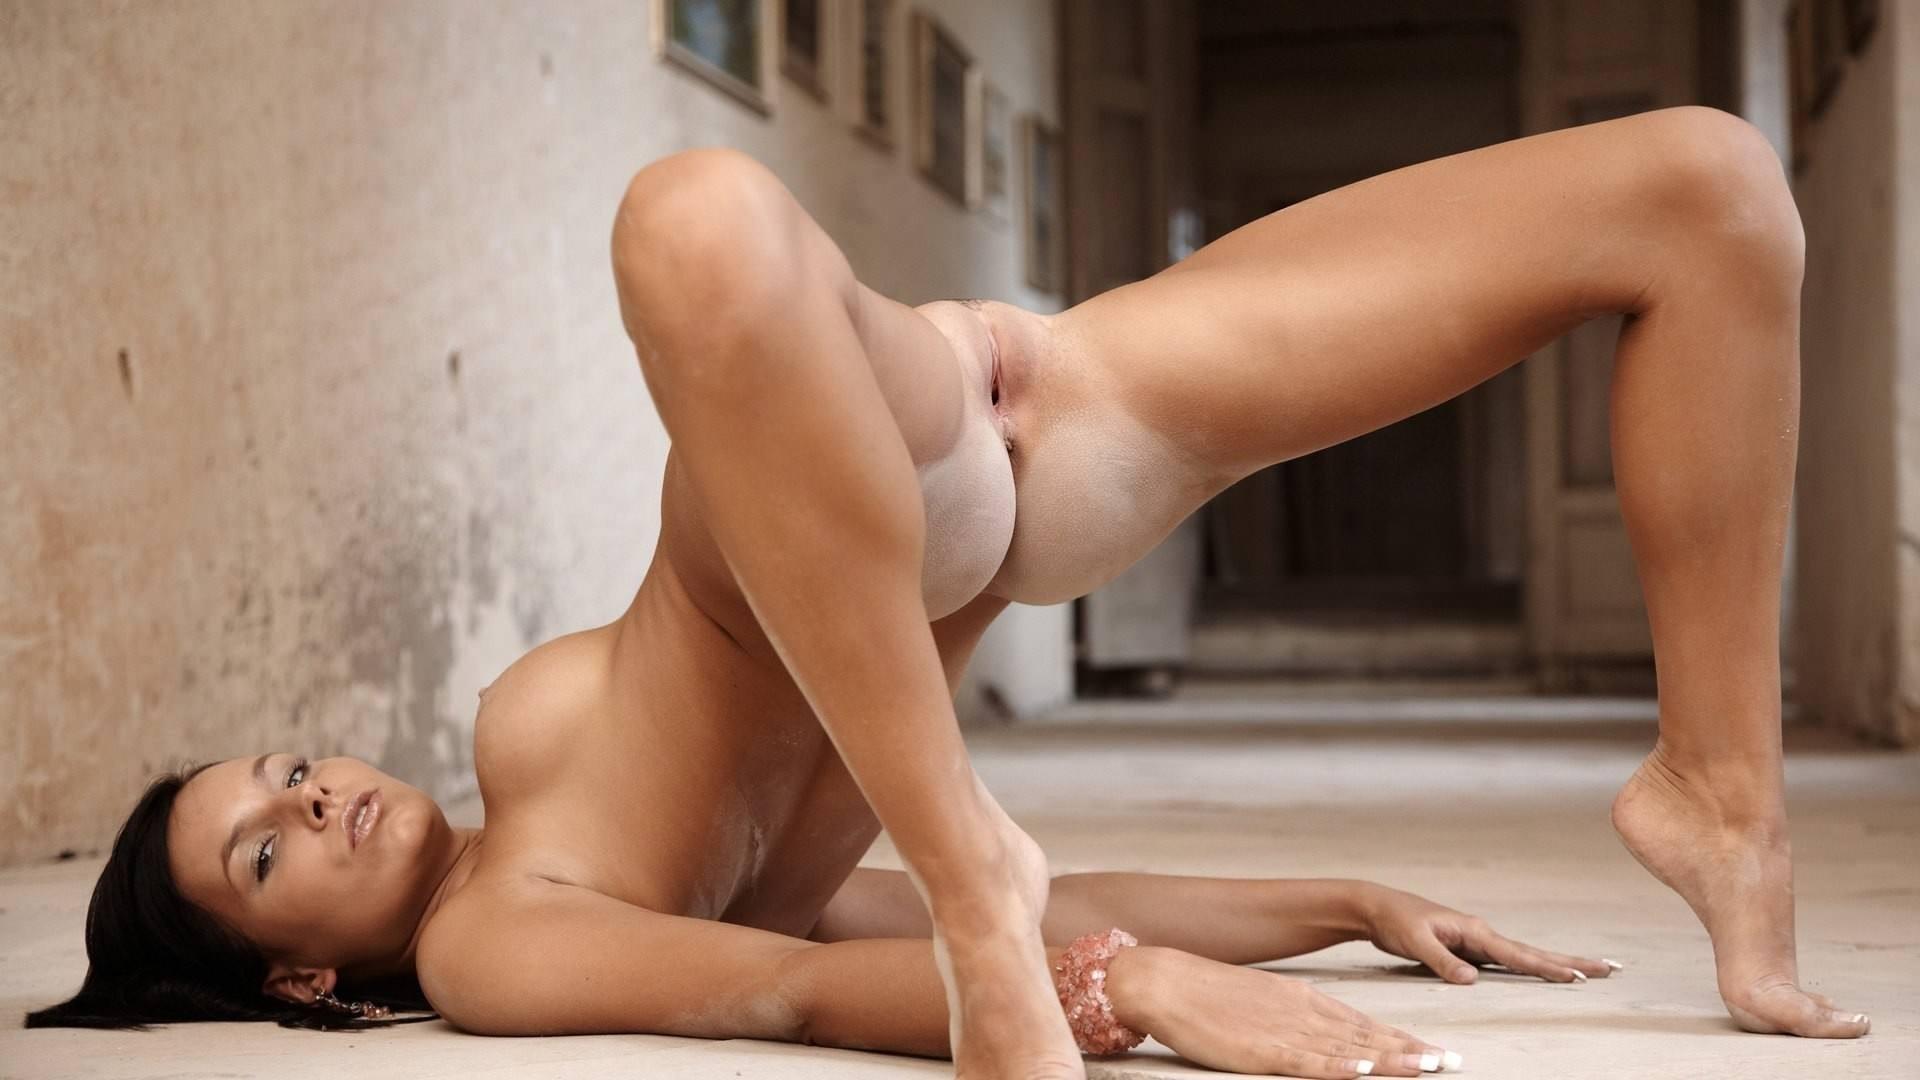 Муж фотографии девушек со спины обнаженных мастурбация ванной переливание